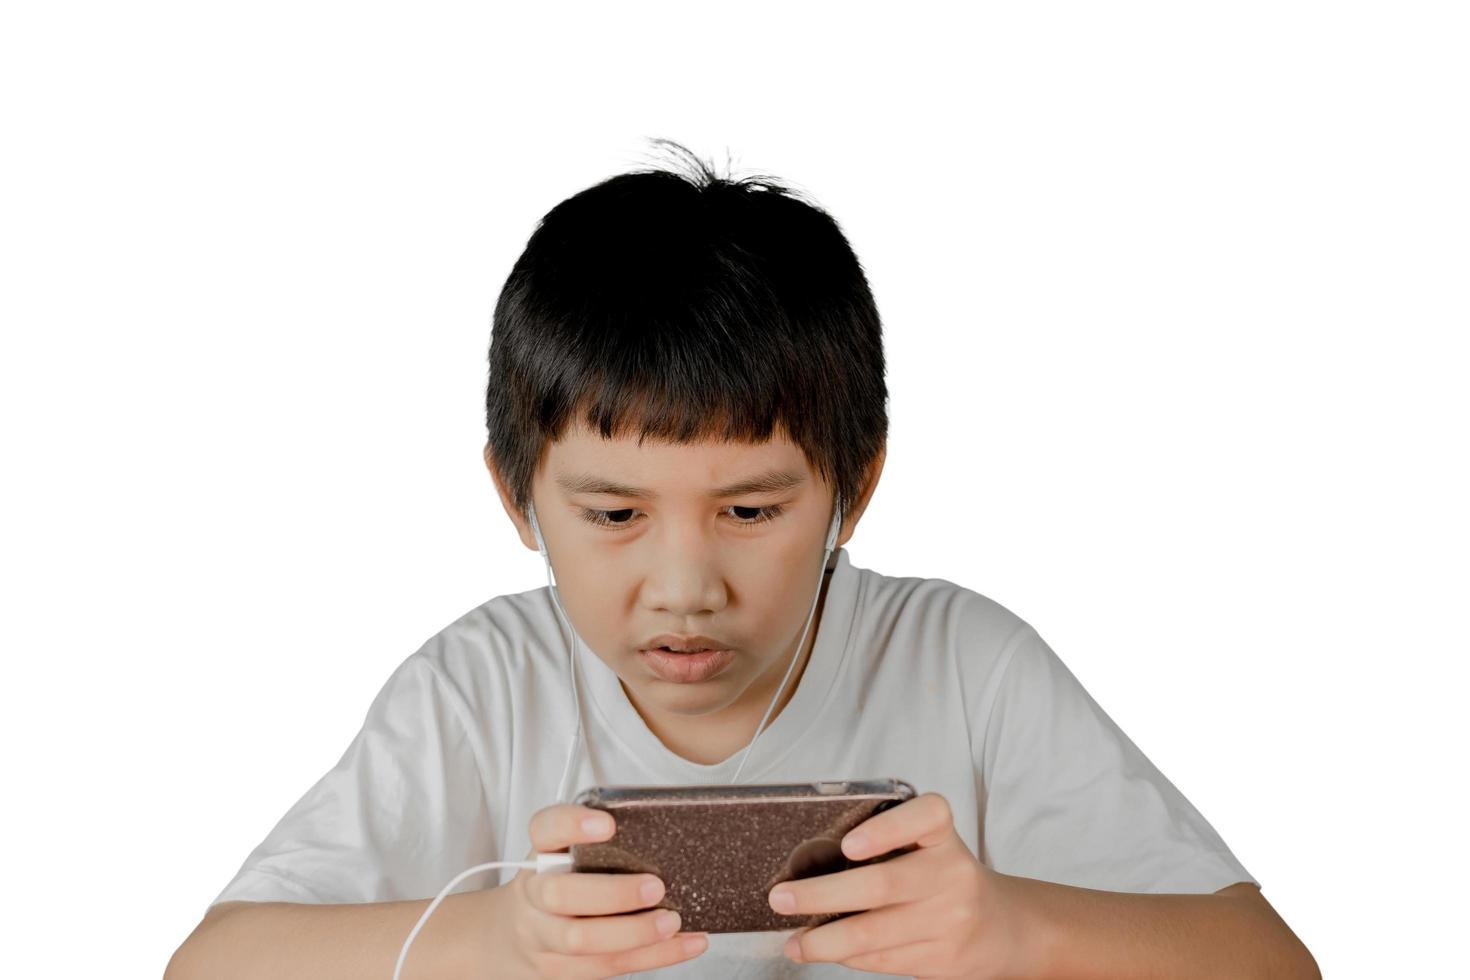 Chico asiático usando audífonos jugando juegos en teléfonos inteligentes. foto